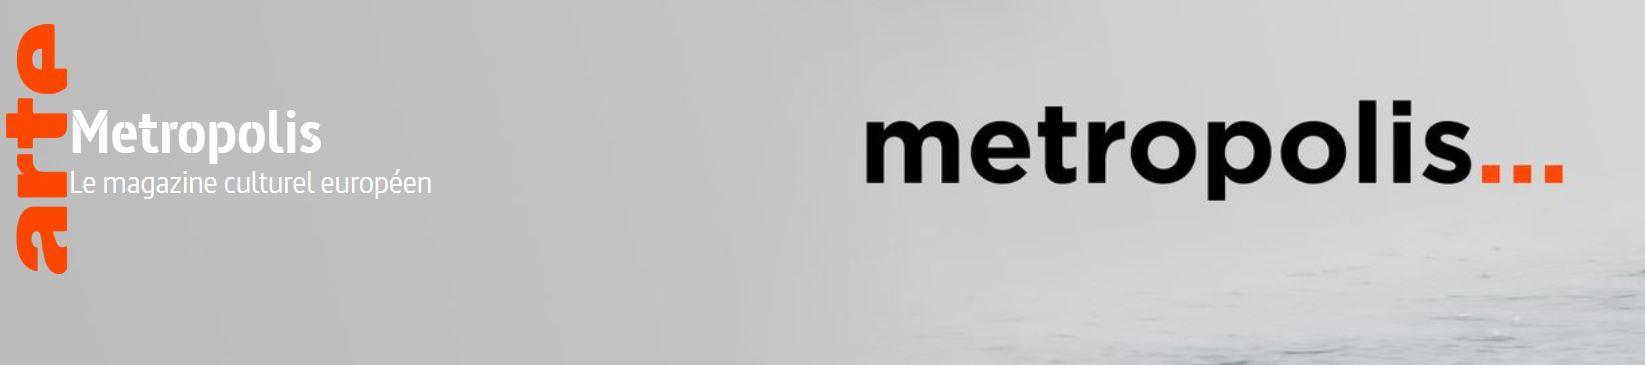 Metropolis: Cracovie / Saleem Ashkar / Beate & Serge Klarsfeld